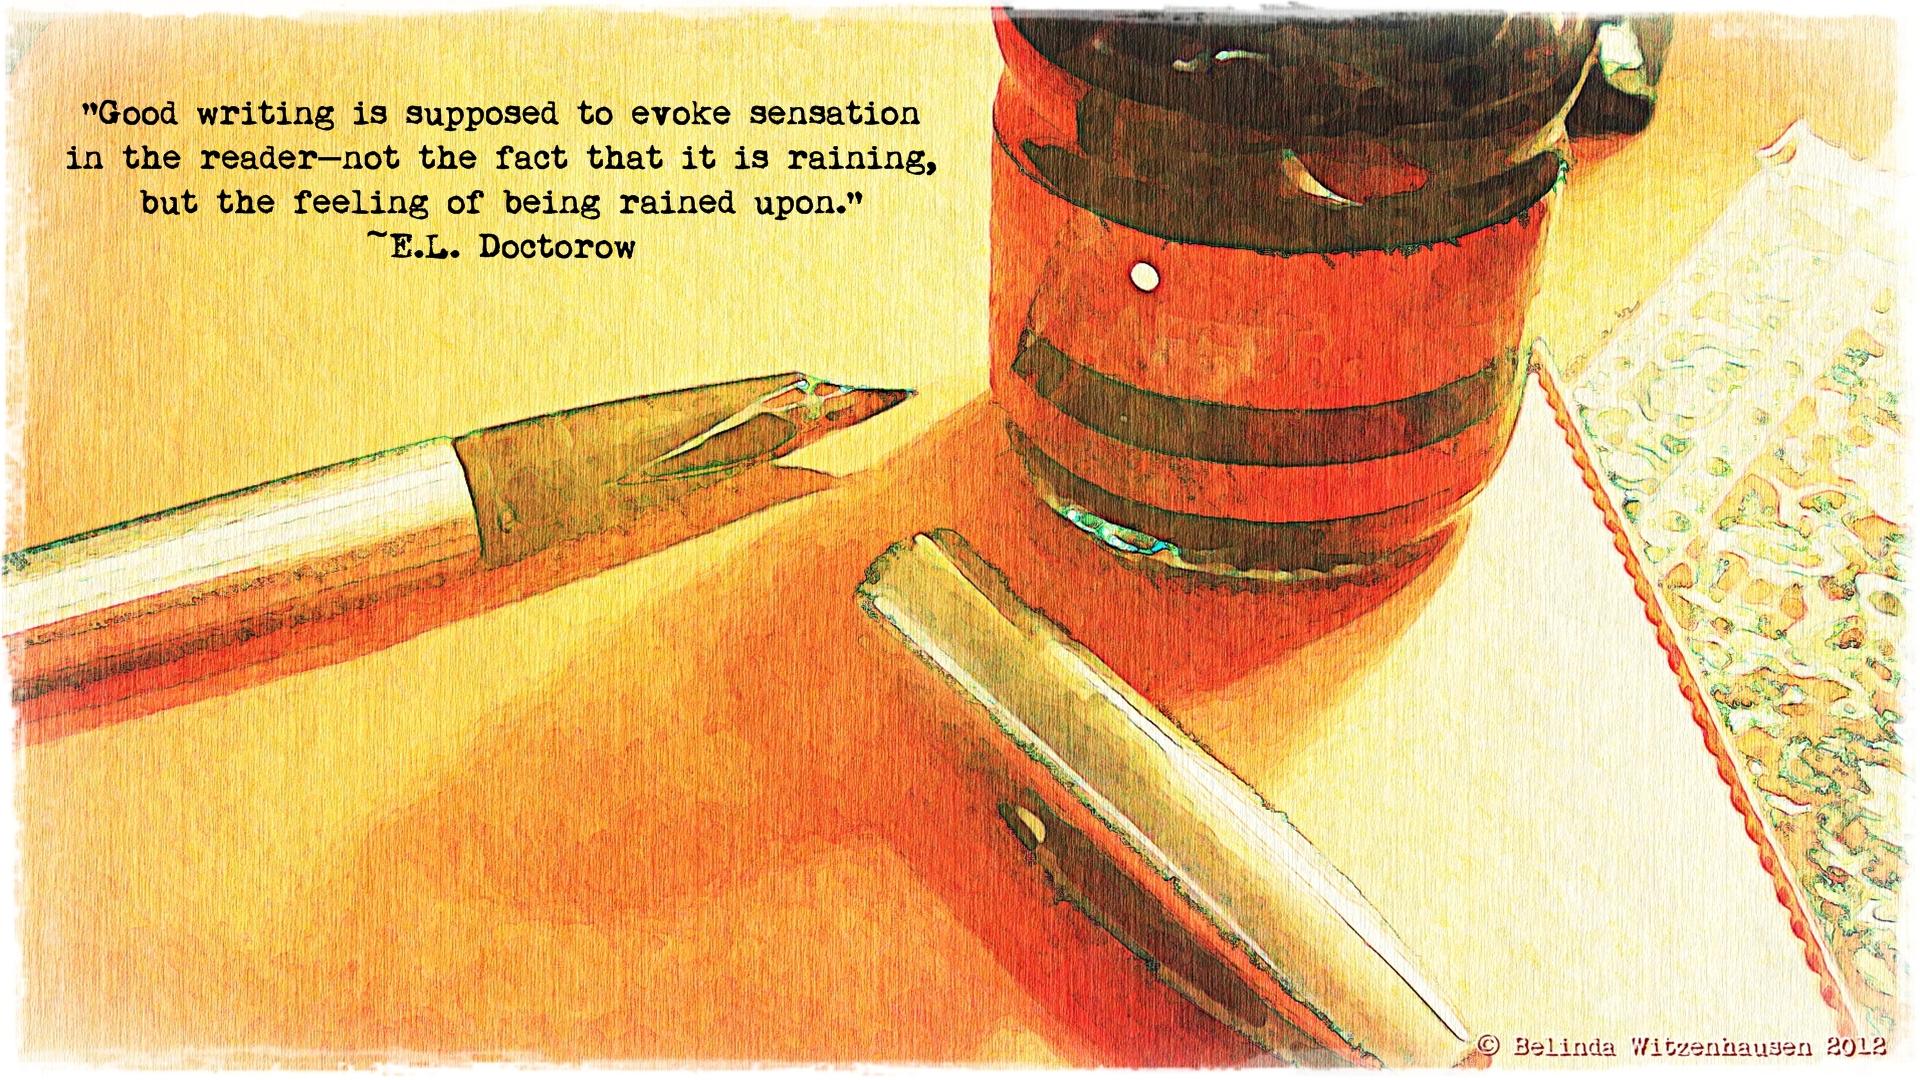 E. L. Doctorow's quote #6